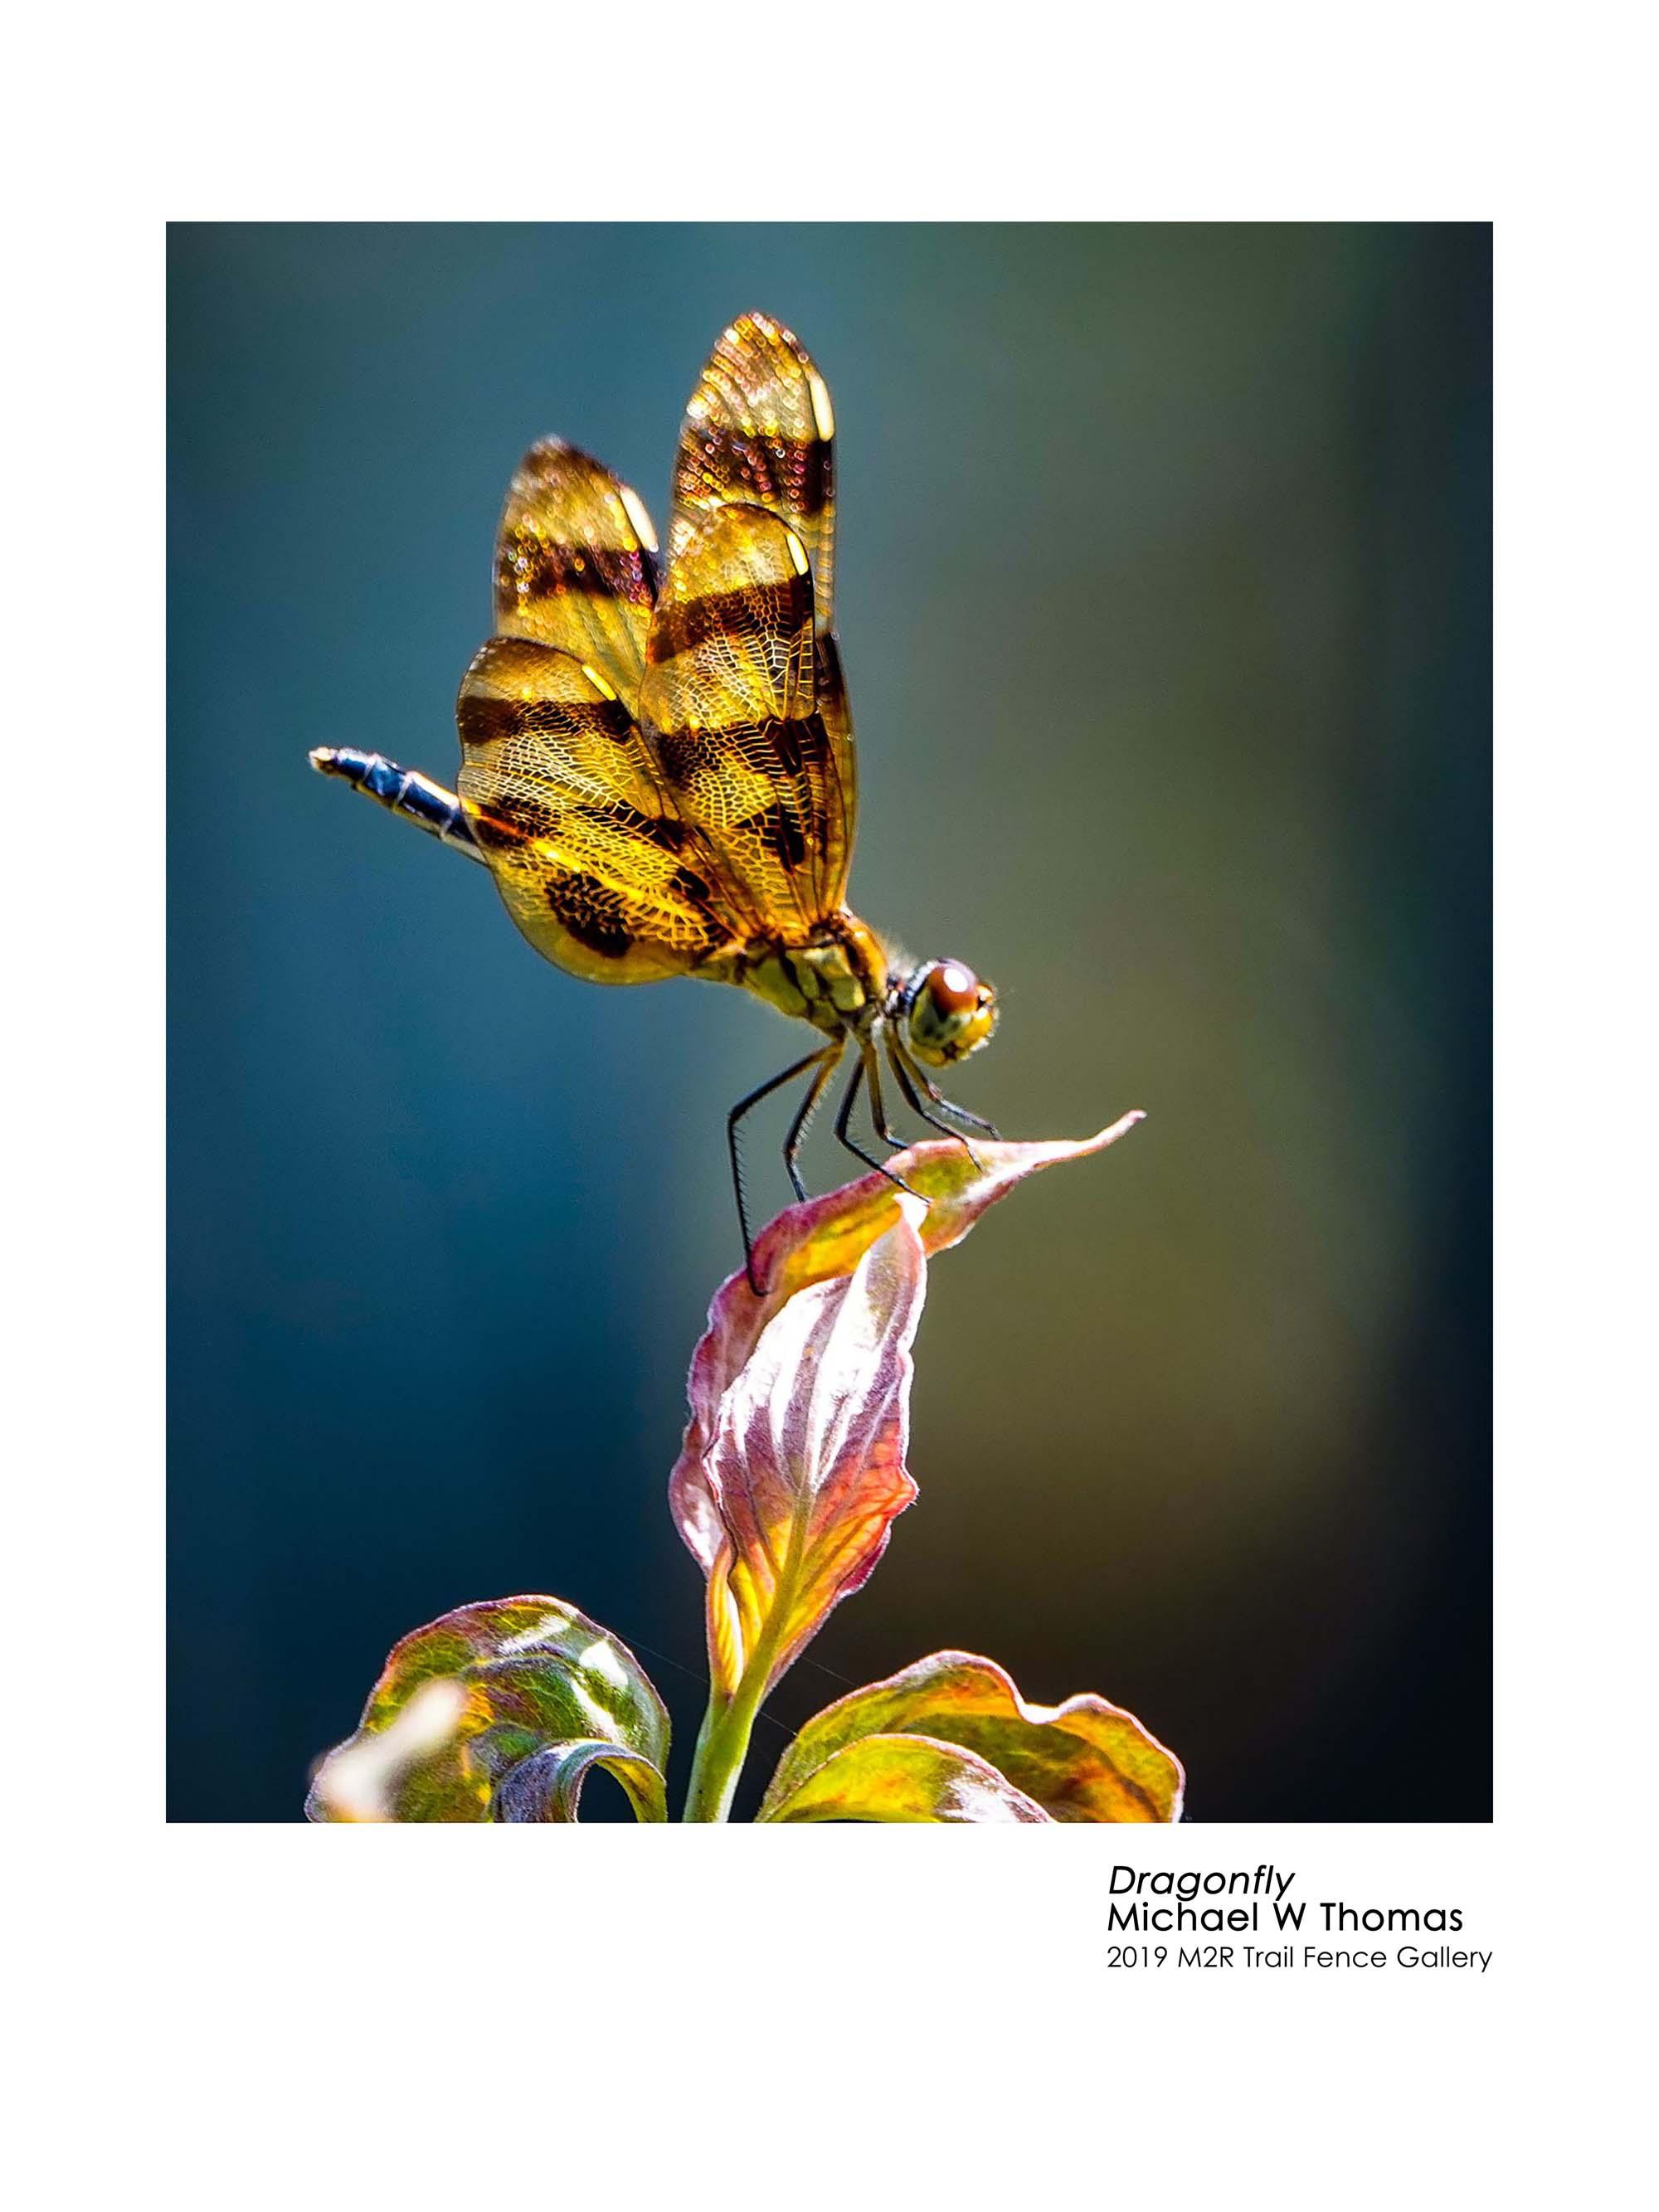 michael_thomas_dragonfly - Michael Thomas.jpg